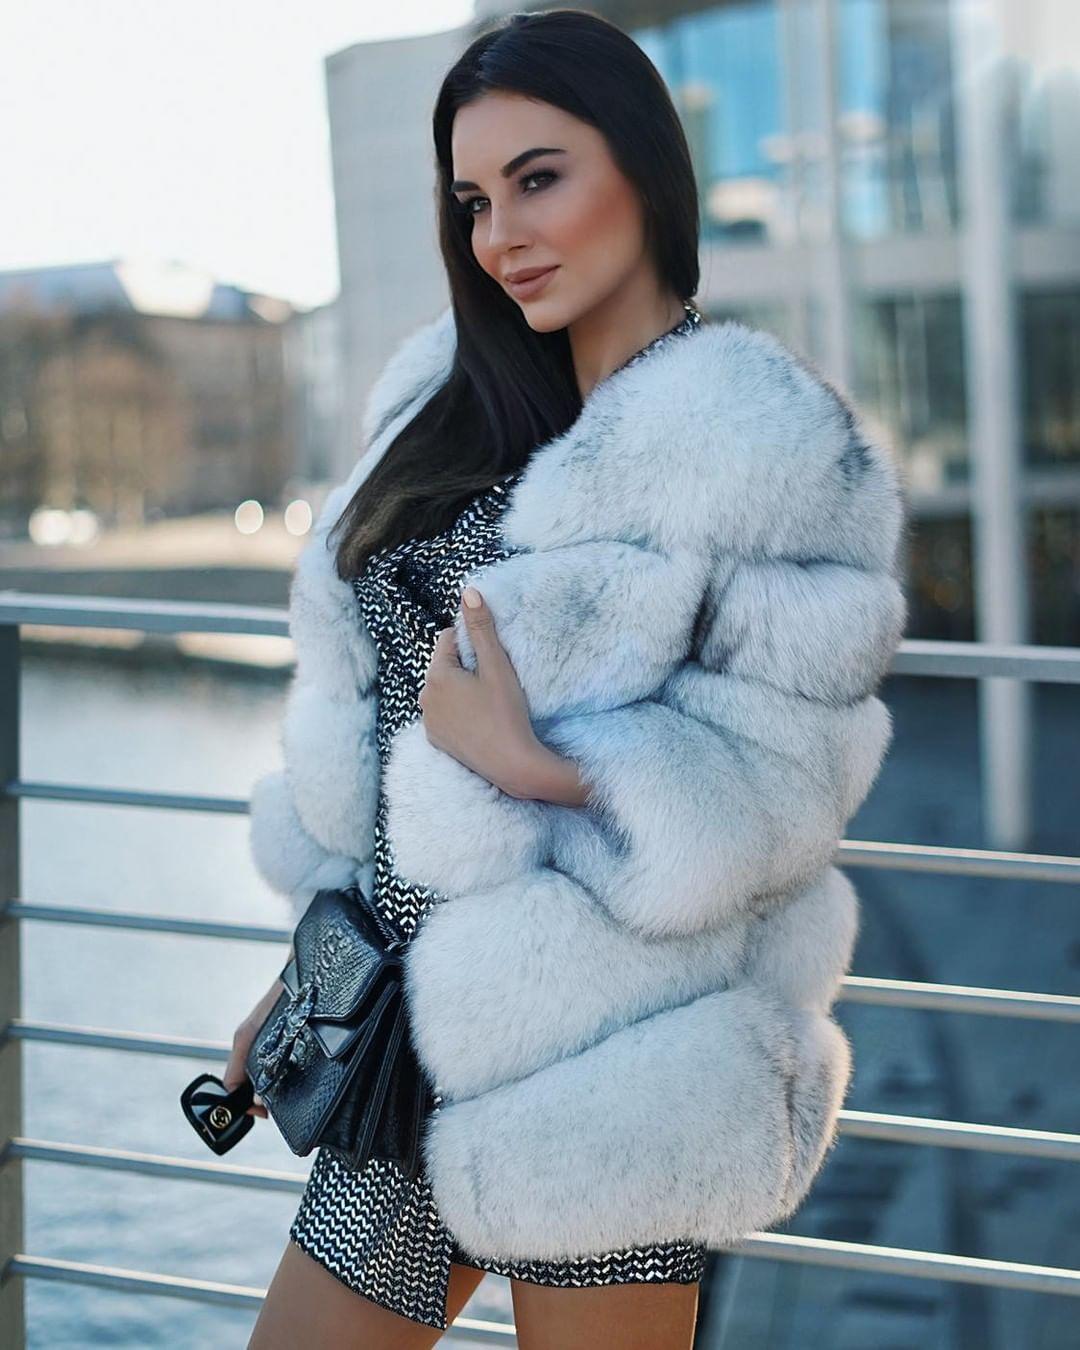 madelyn-white-veronika_klimovits-2